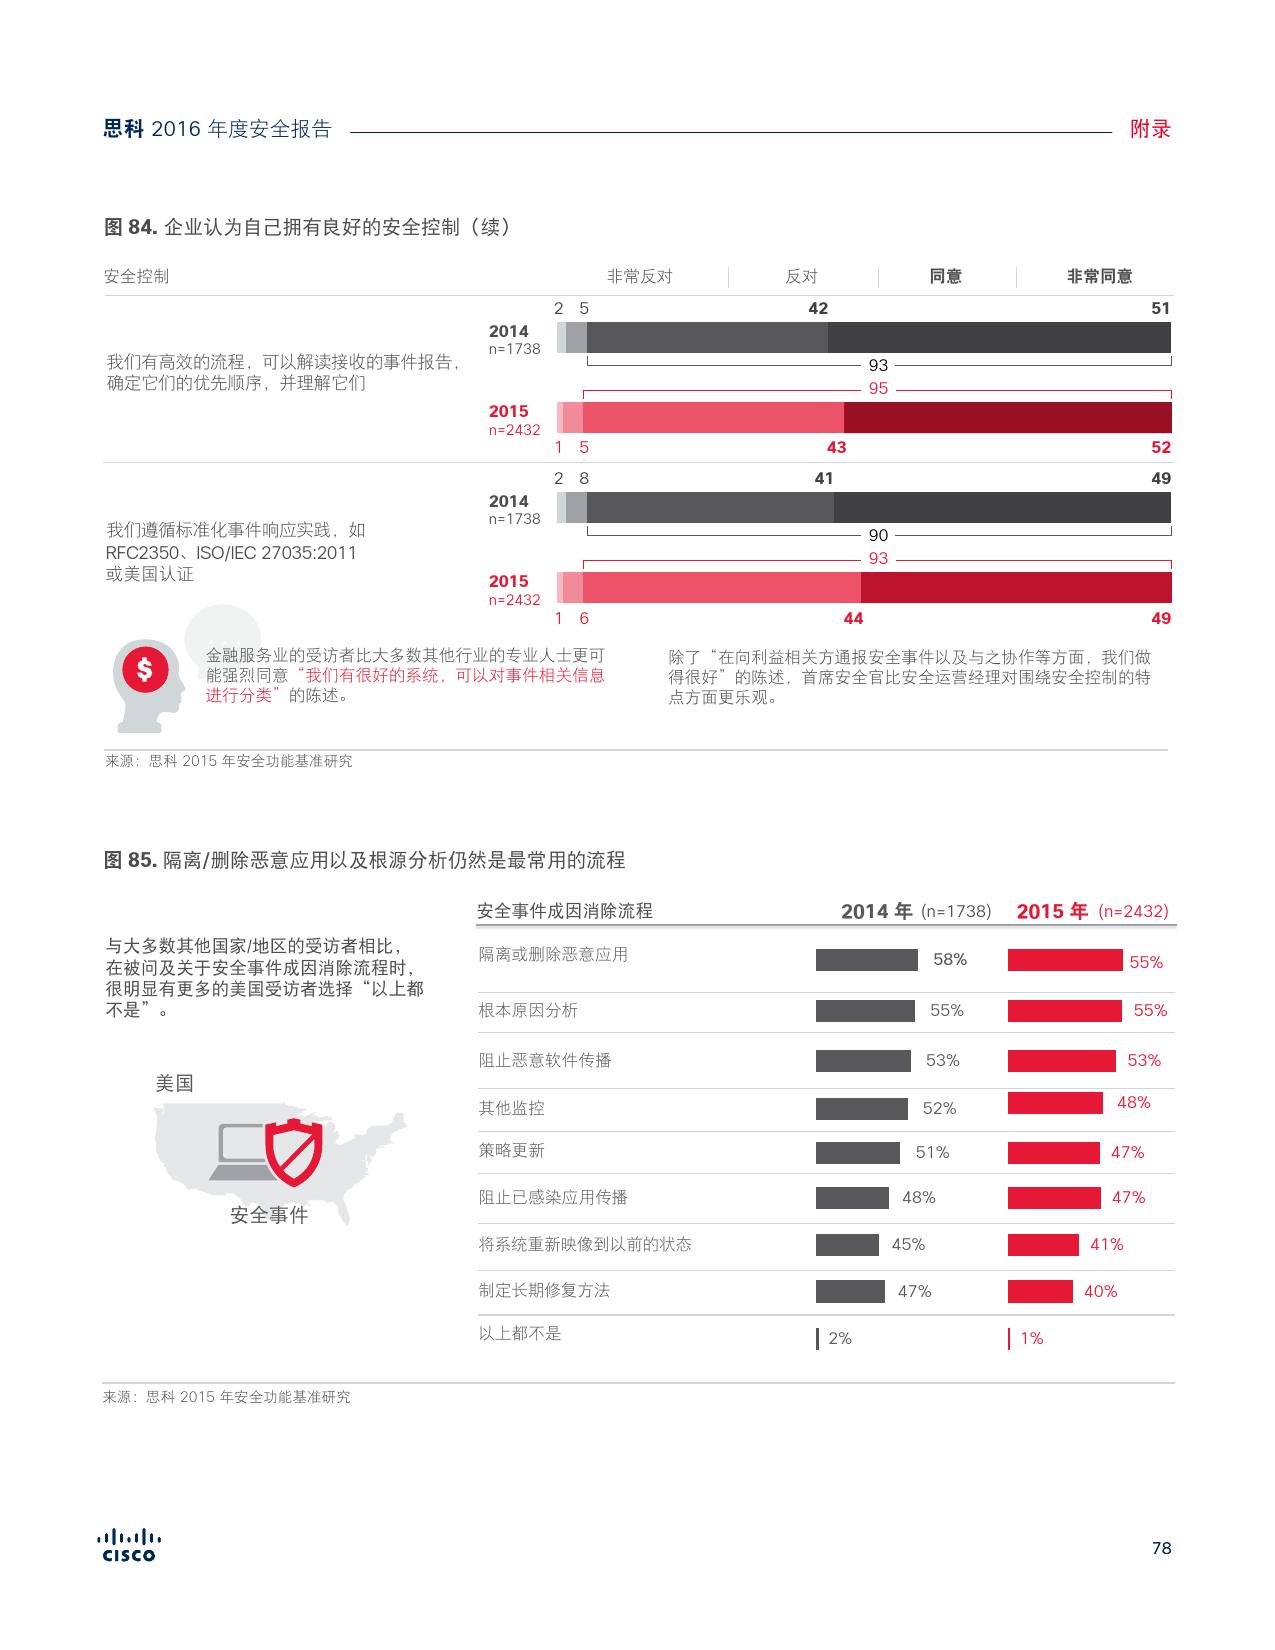 2016年中网络安全报告_000078